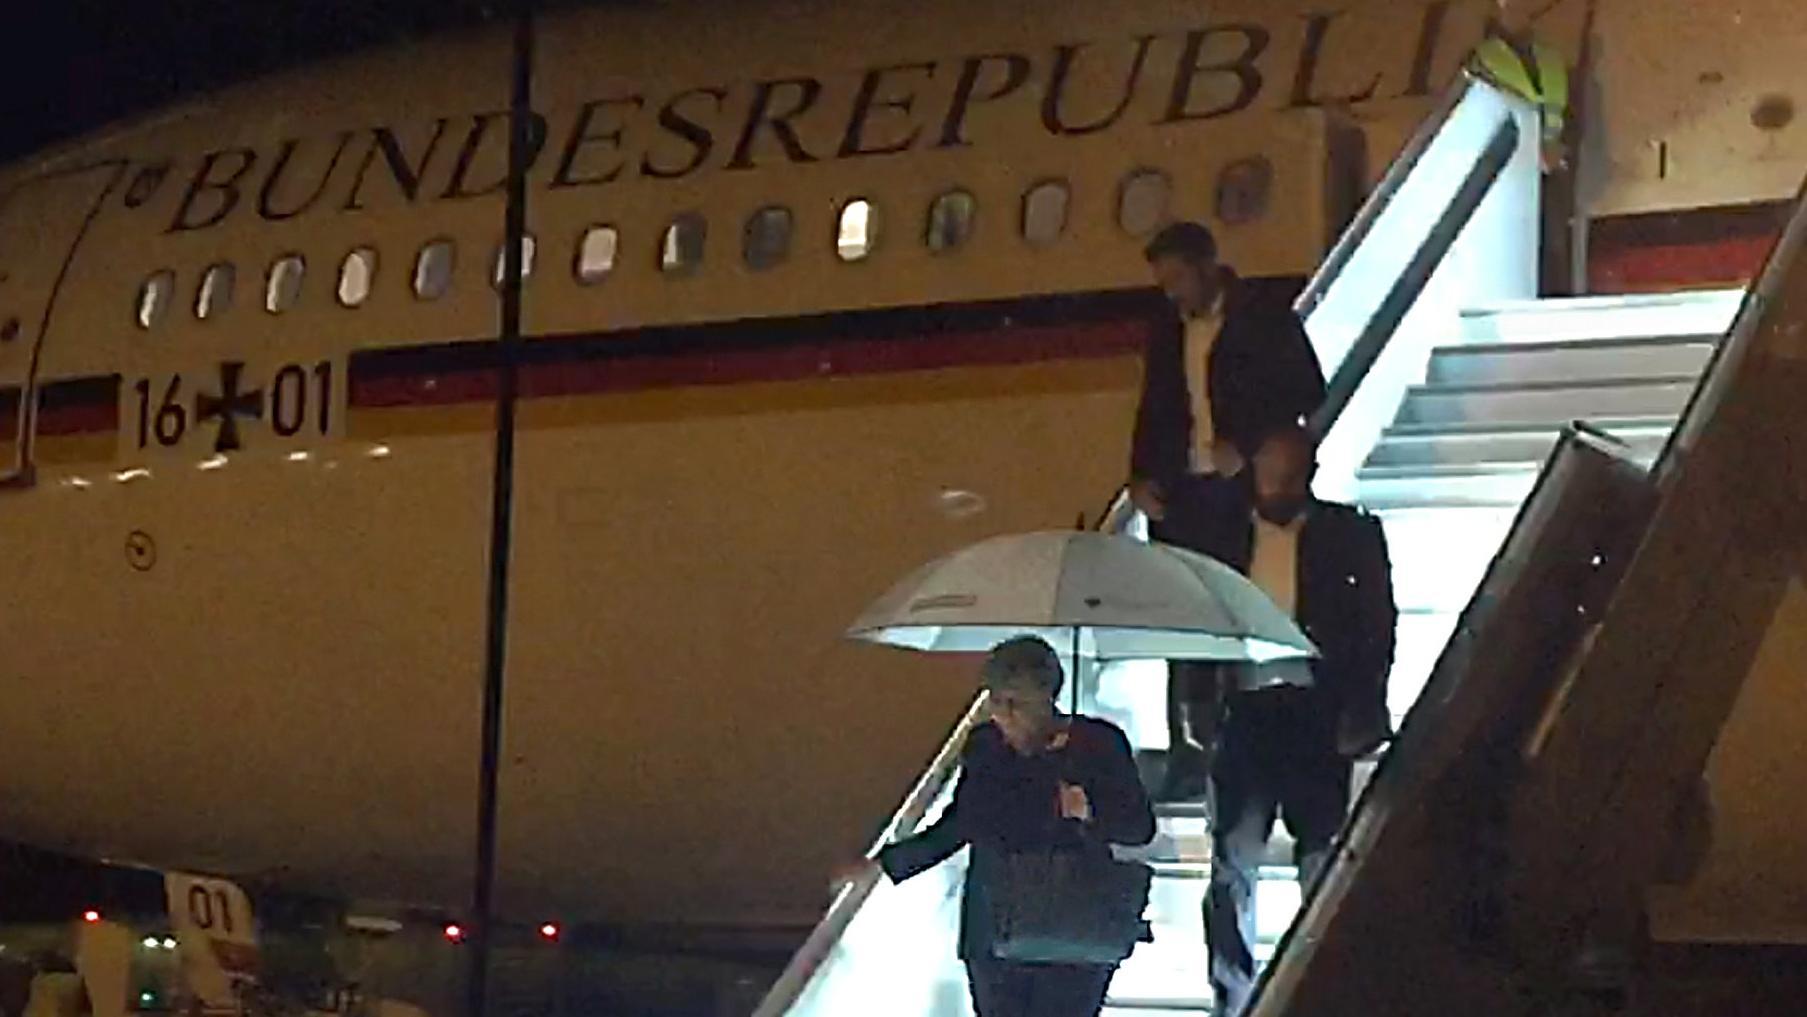 Bundeskanzlerin Angela Merkel verlässt Regierungsmaschine